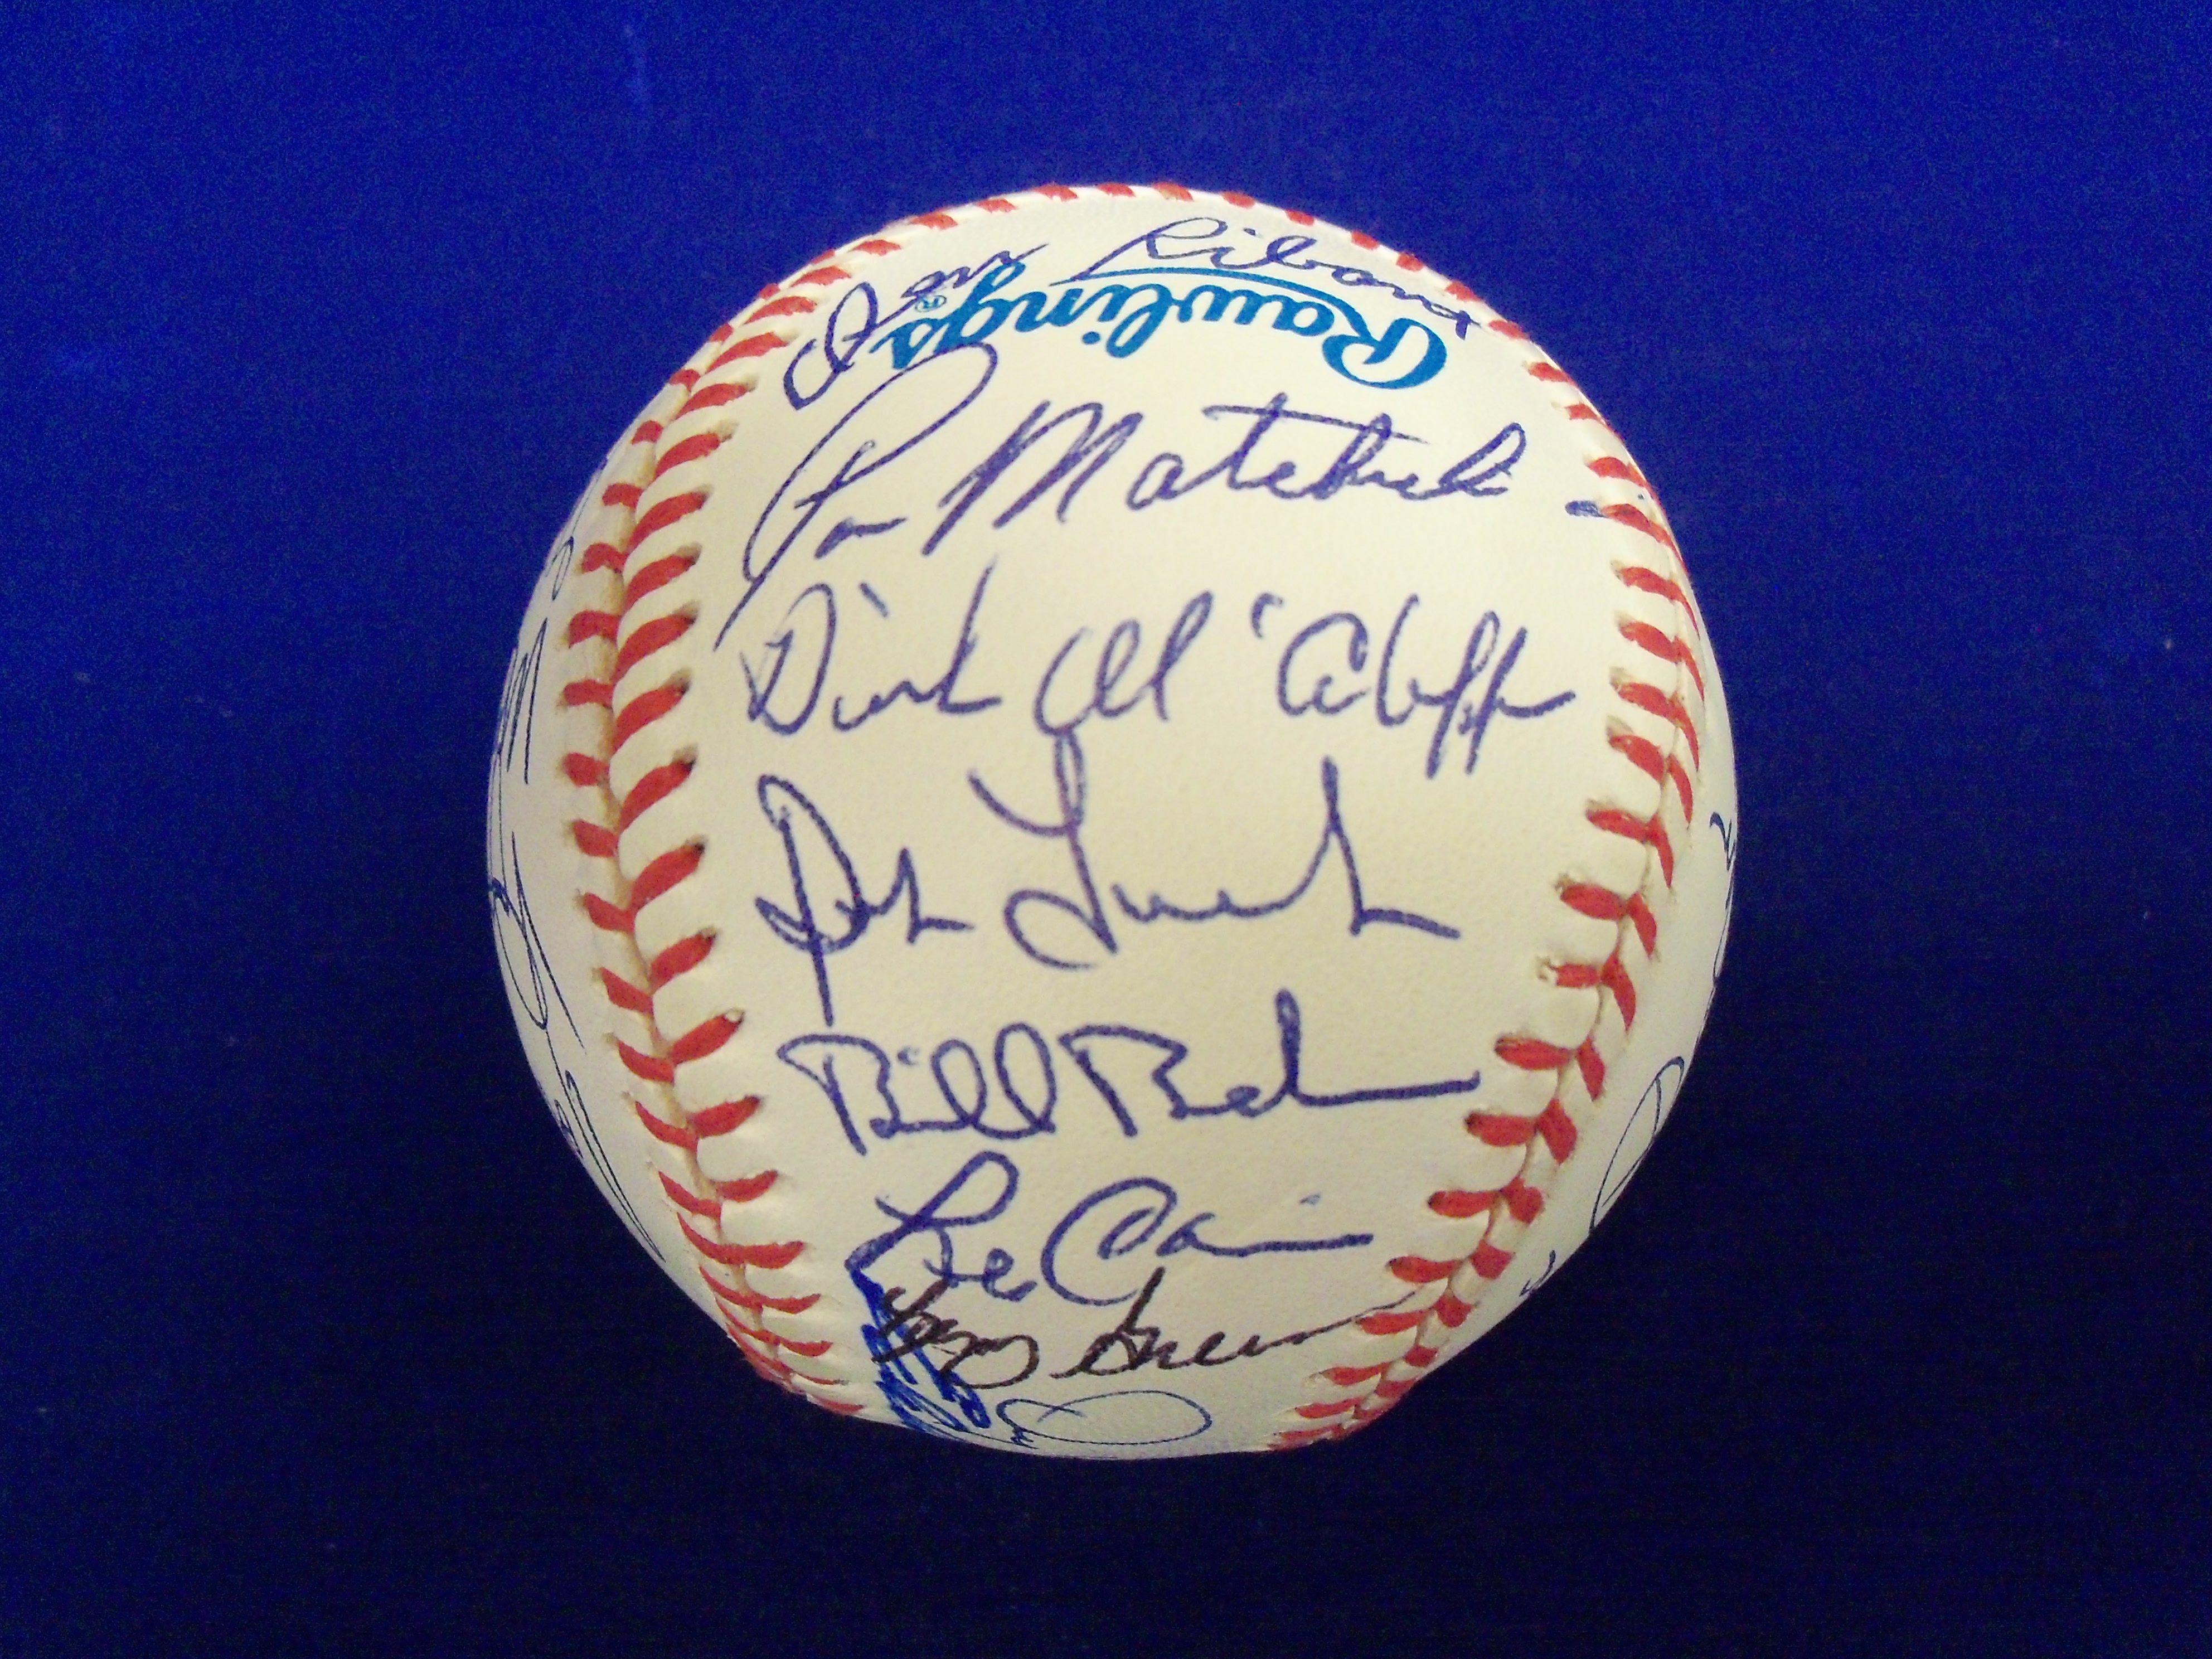 Lot Detail 1968 Detroit Tigers Autographed Baseball 29 Autographs